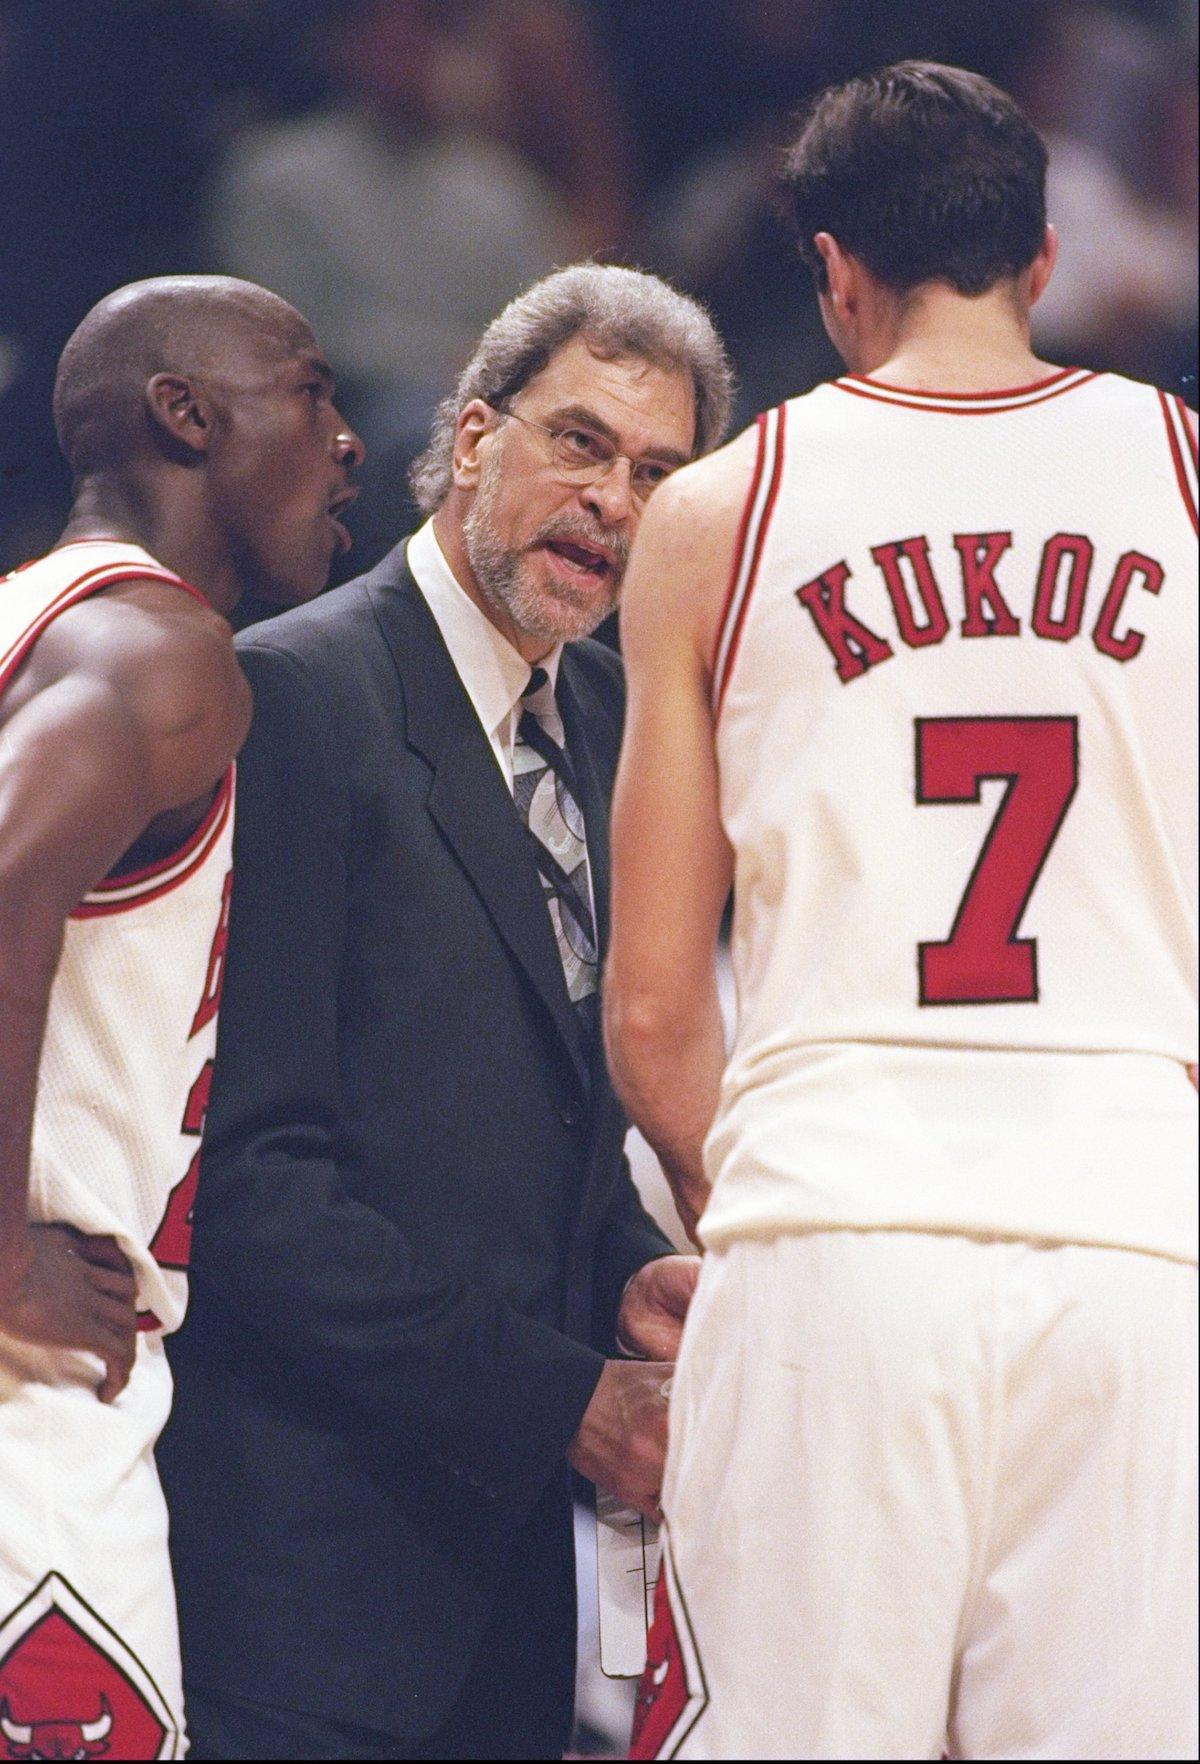 1997 – Coach Phil Jackson speaks to guards Toni Kukoc and Michael Jordan